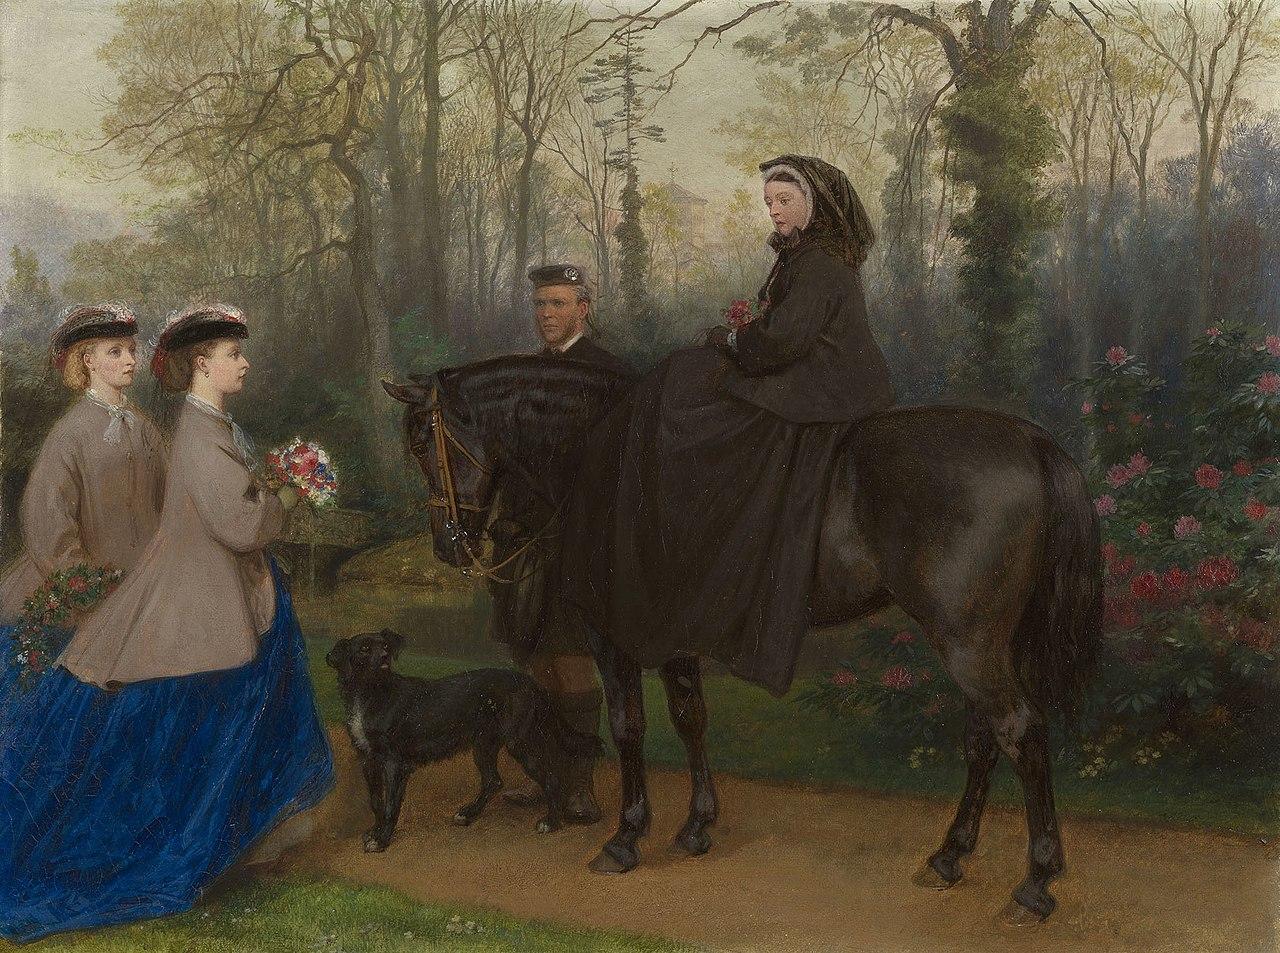 Джордж Хаусман Томас (1824-68) - Посещение Королевского мавзолея, Фрогмор - RCIN 402504 - Royal Collection.jpg